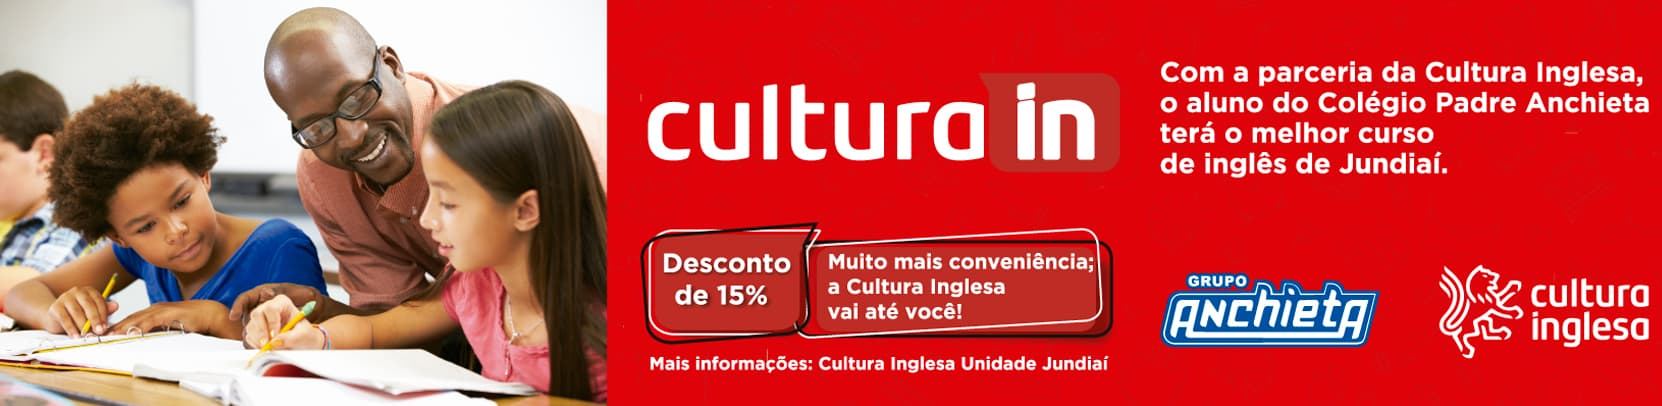 banner-escolas-cultura-inglesa